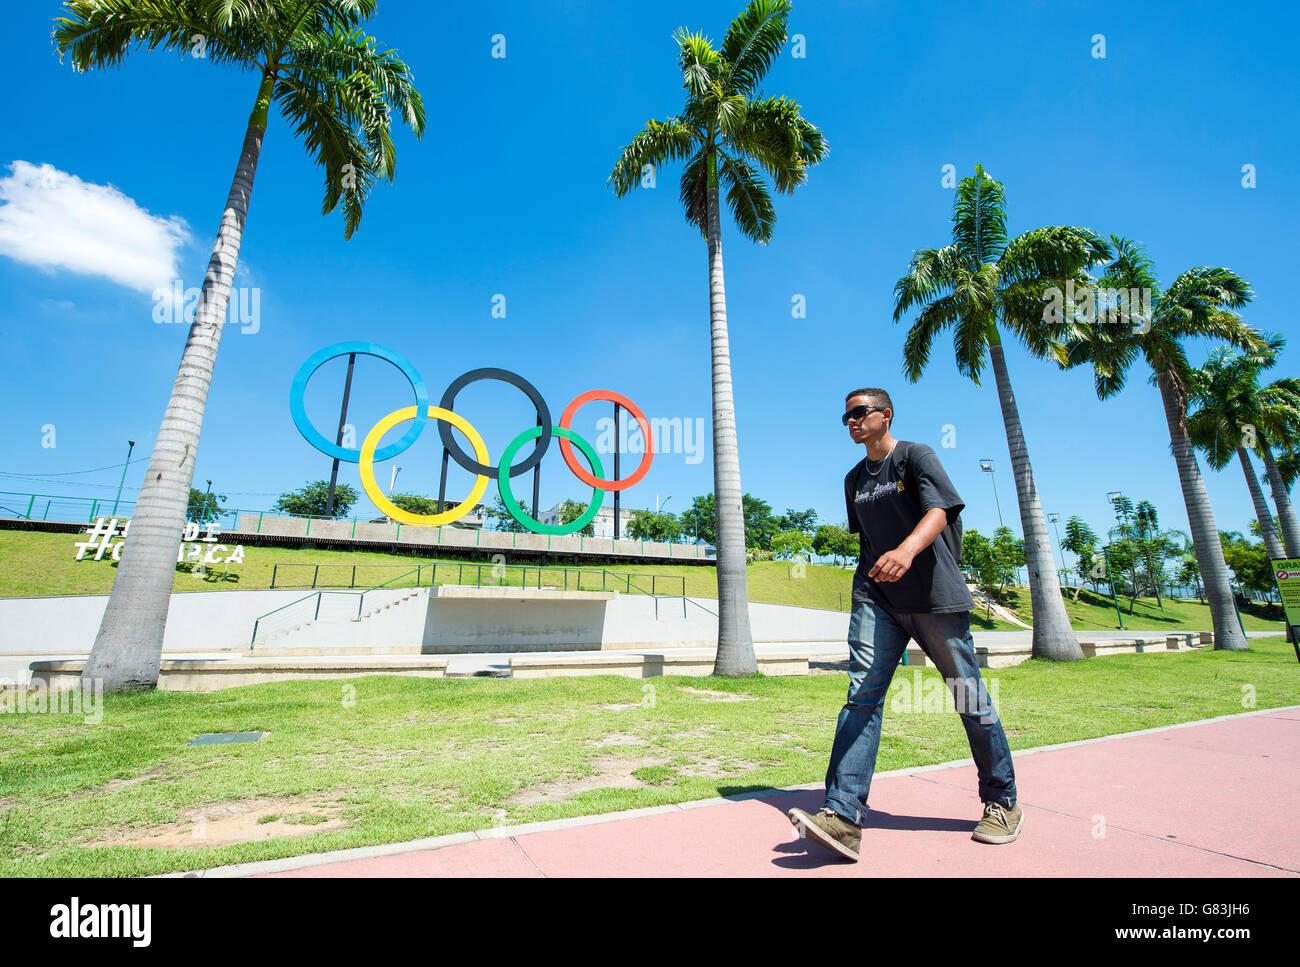 RIO DE JANEIRO - Marzo 18, 2016: un peatón pasa por delante de los anillos olímpicos instalados en el Imagen De Stock